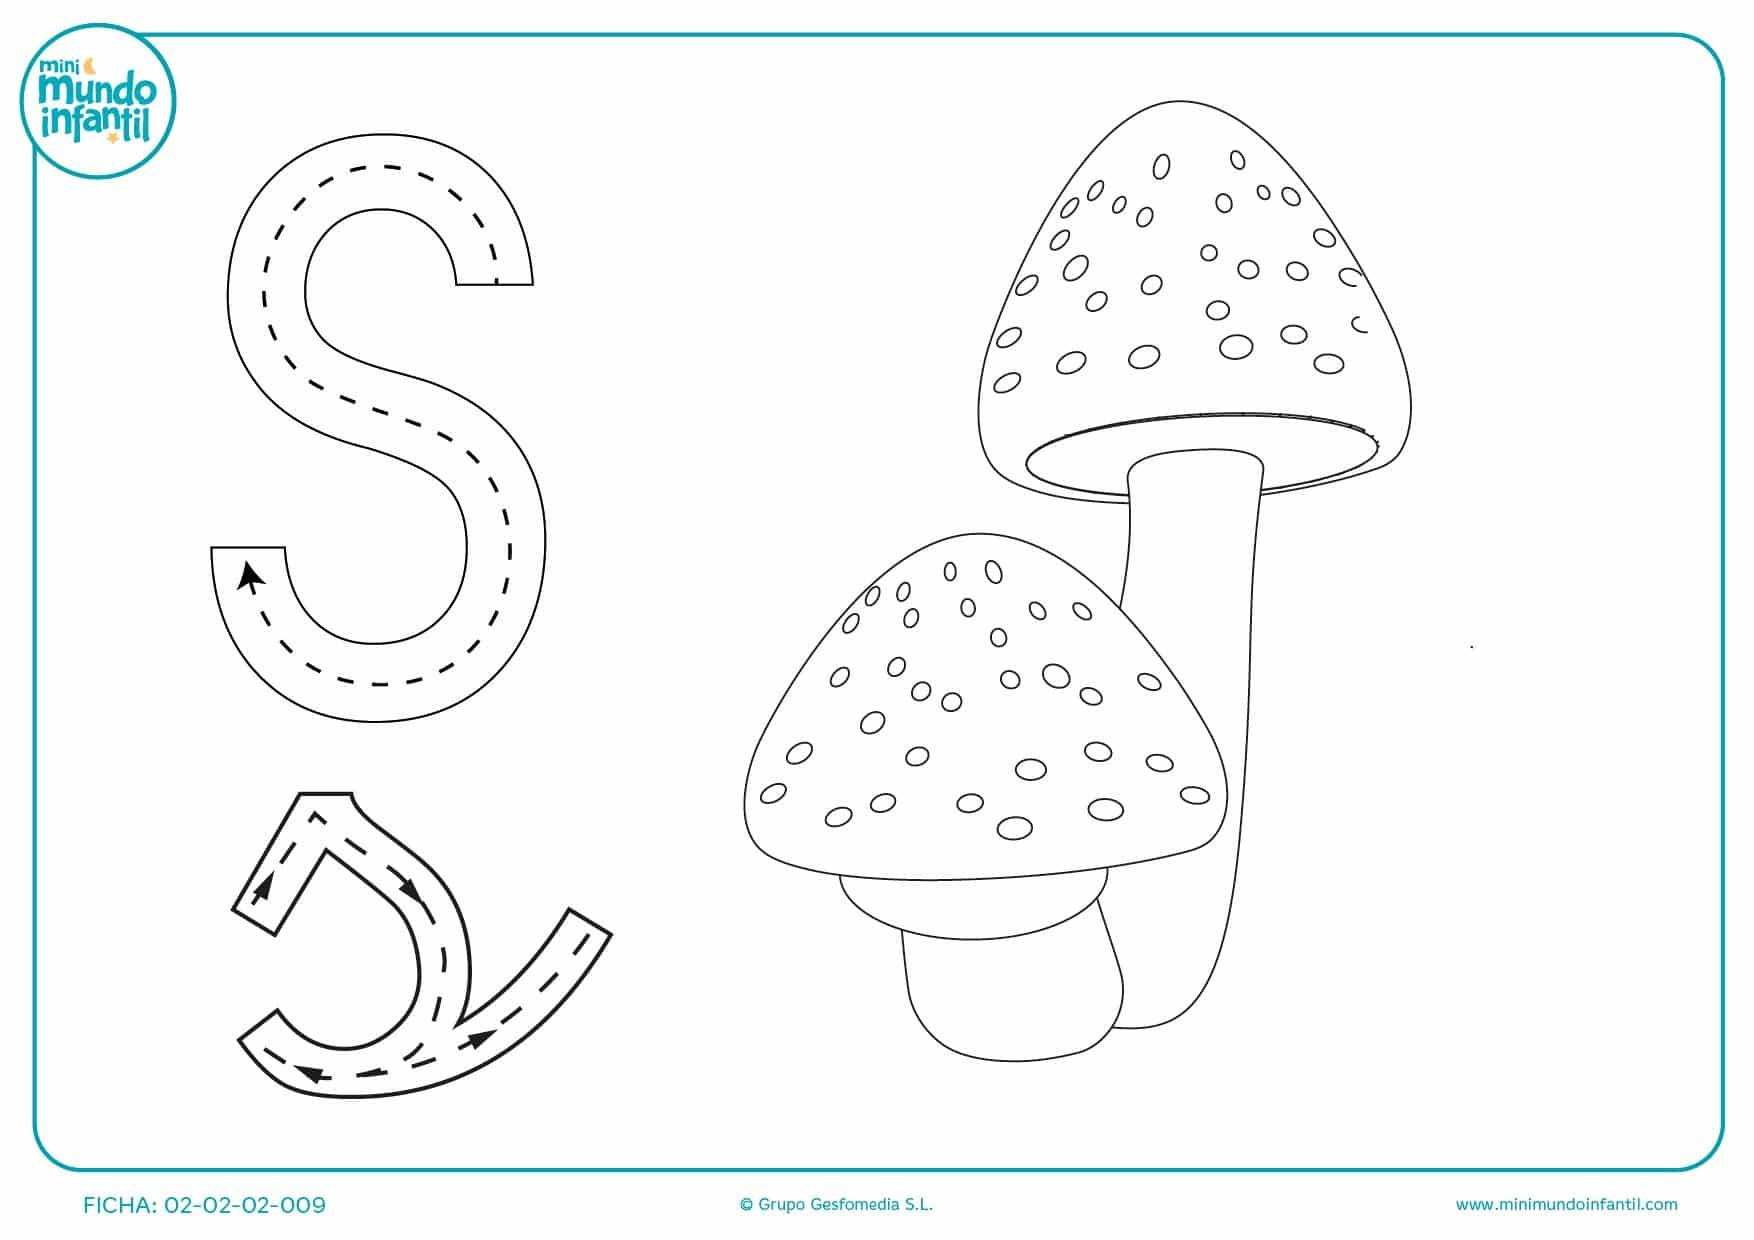 Sigue los trazos de la letra S mayúscula y minúscula y pinta las setas